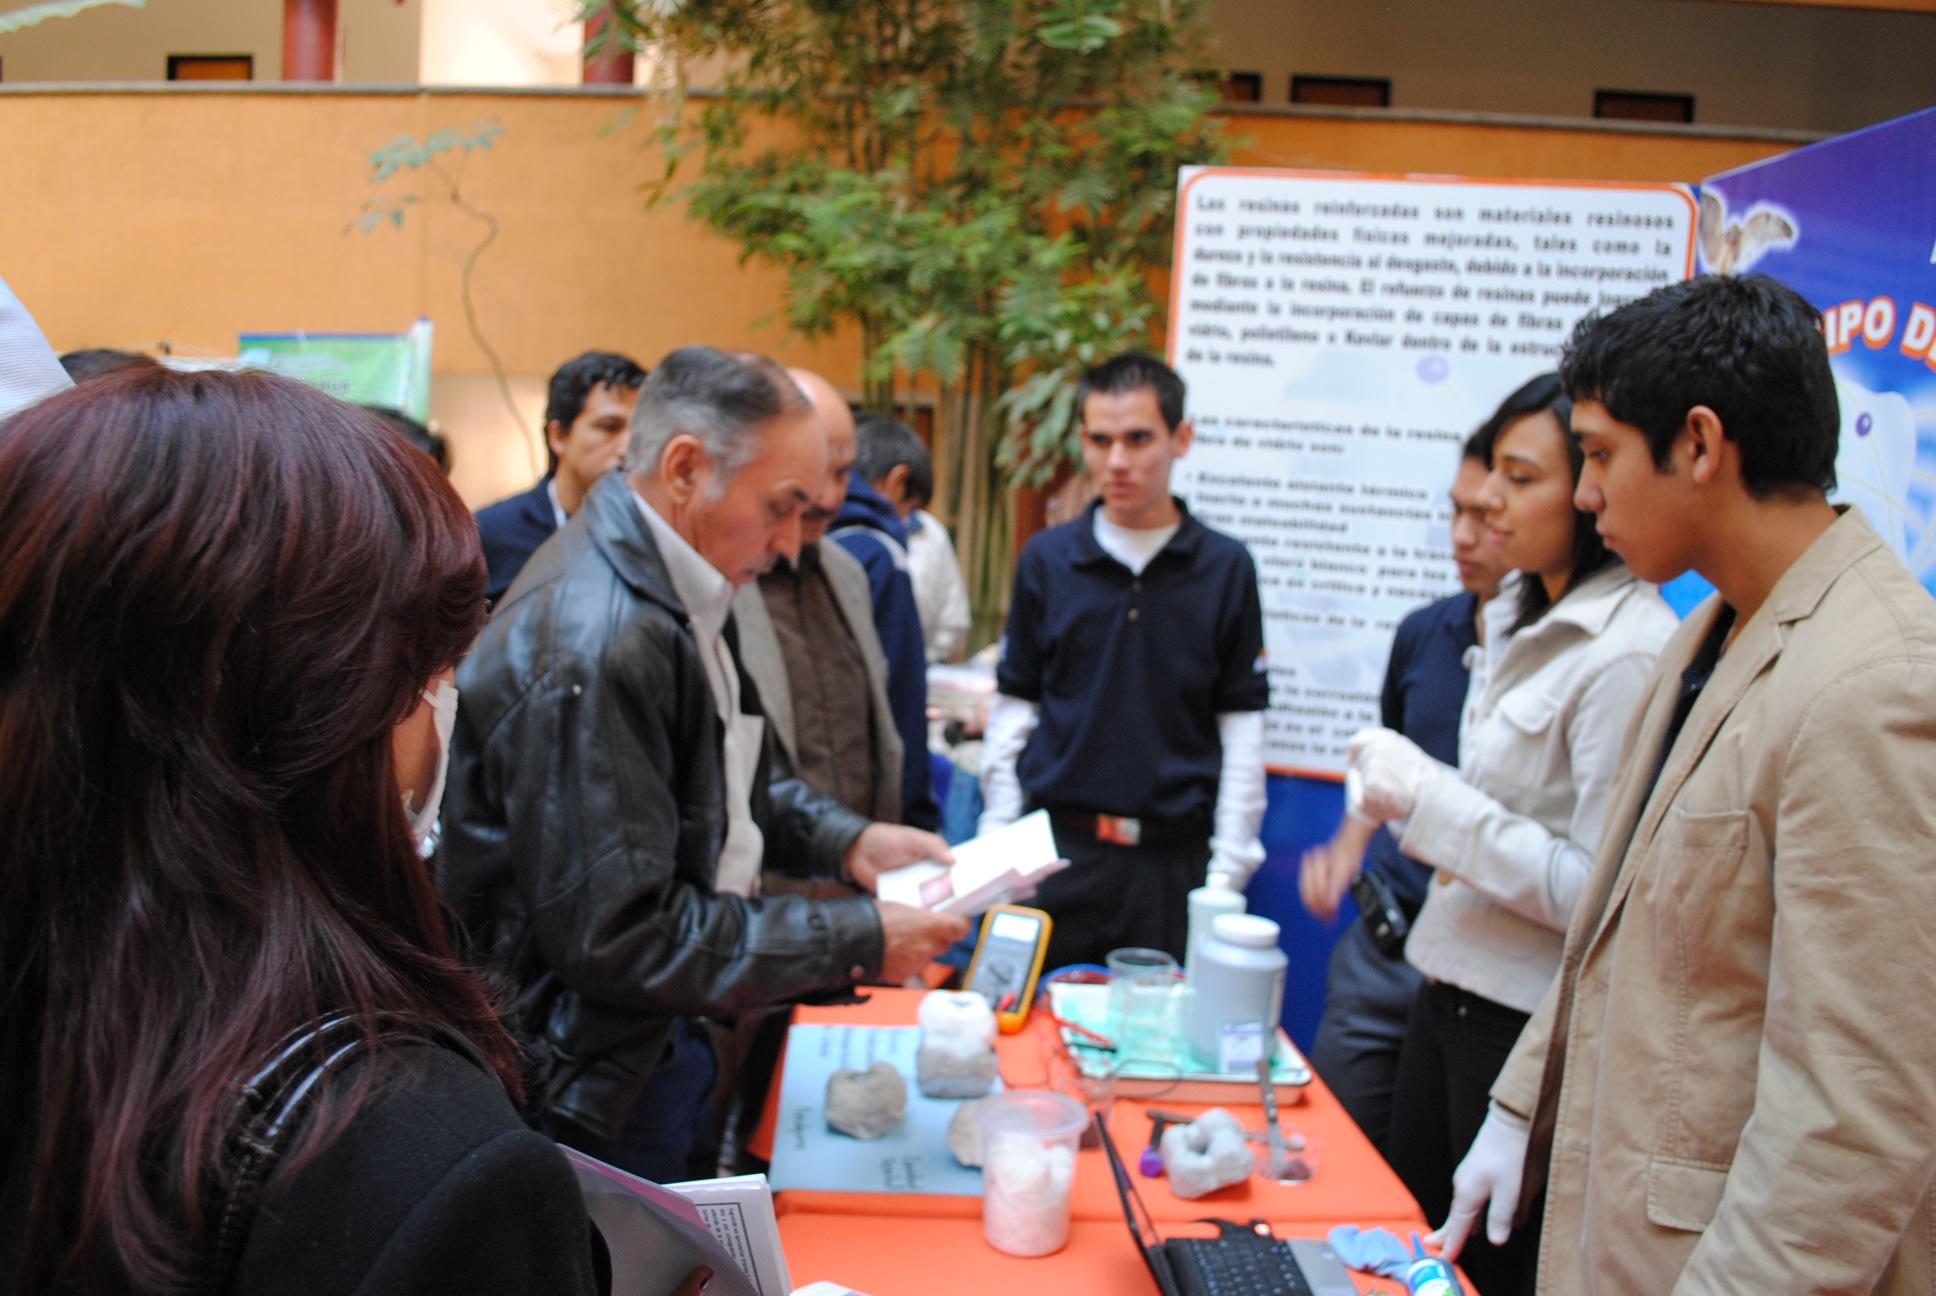 feria de ciencia y tec2010 139.jpg